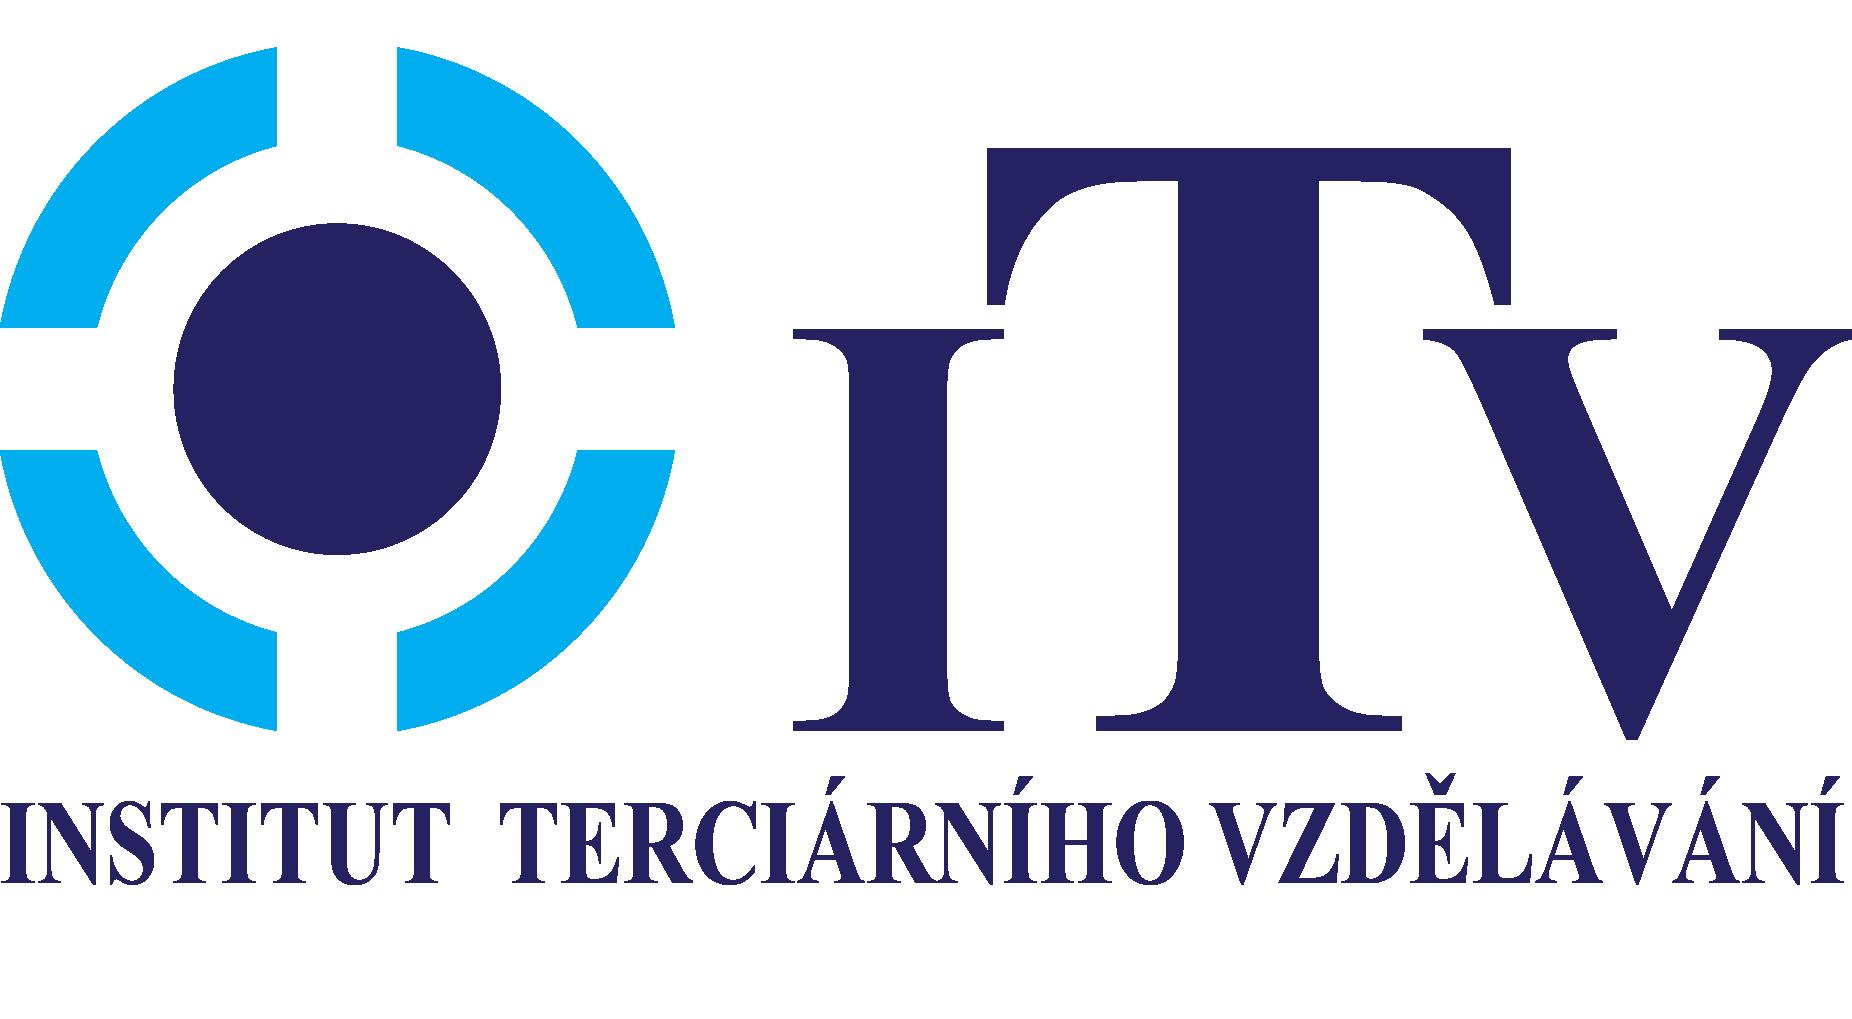 Institut terciárního vzdělávání